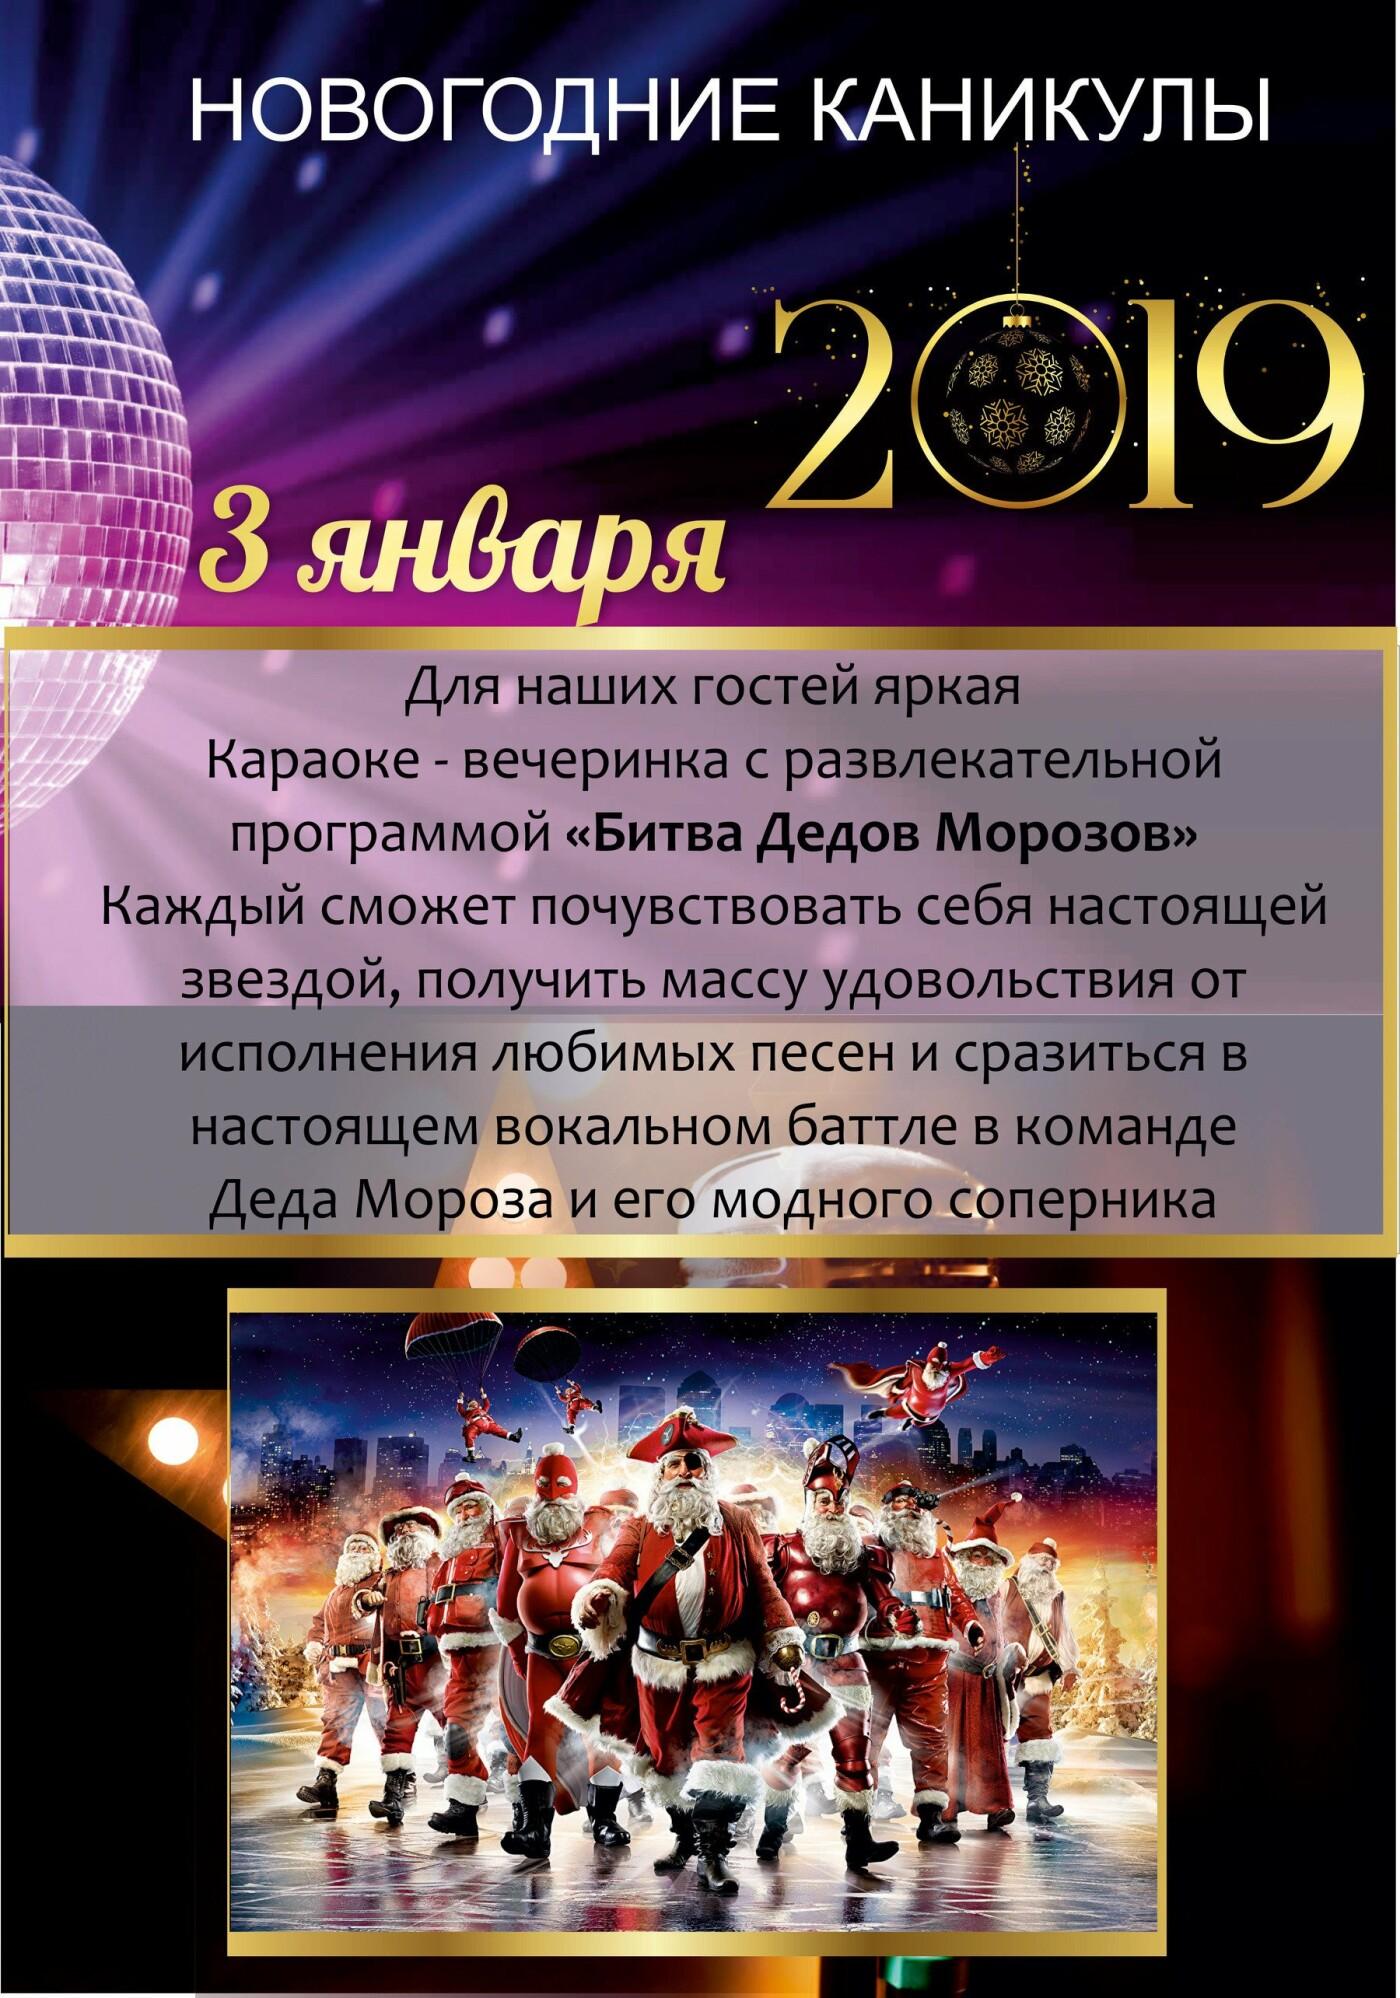 Встречайте Новый год-2019 всей семьей в санатории «Айвазовское»!, фото-5